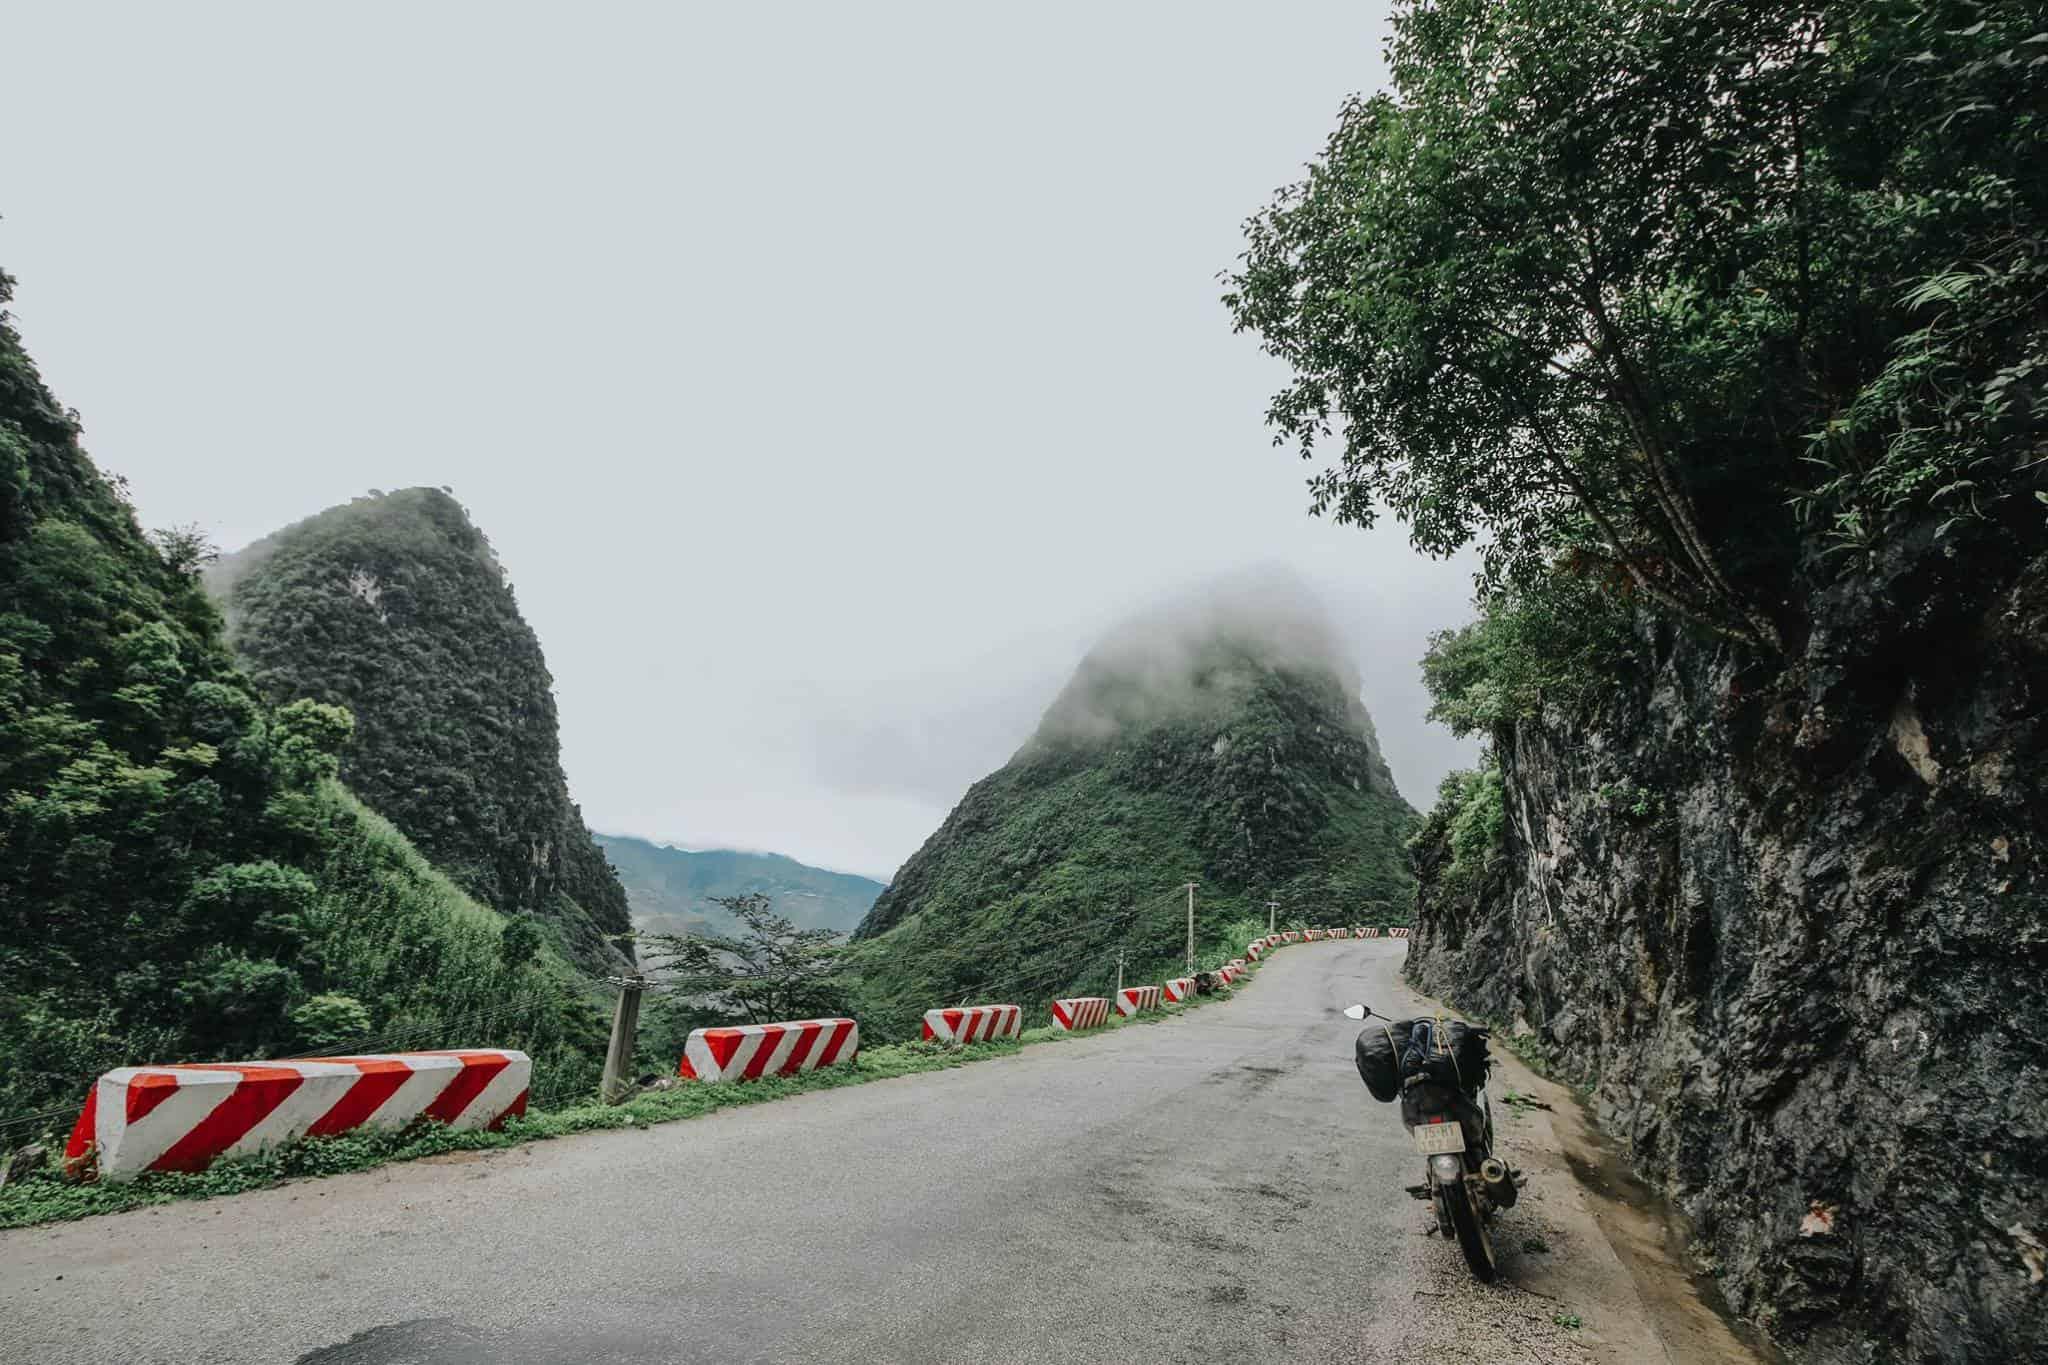 Đèo Mã Pì Lèng chìm trong mây. Hình: Hoàng Linh Hà